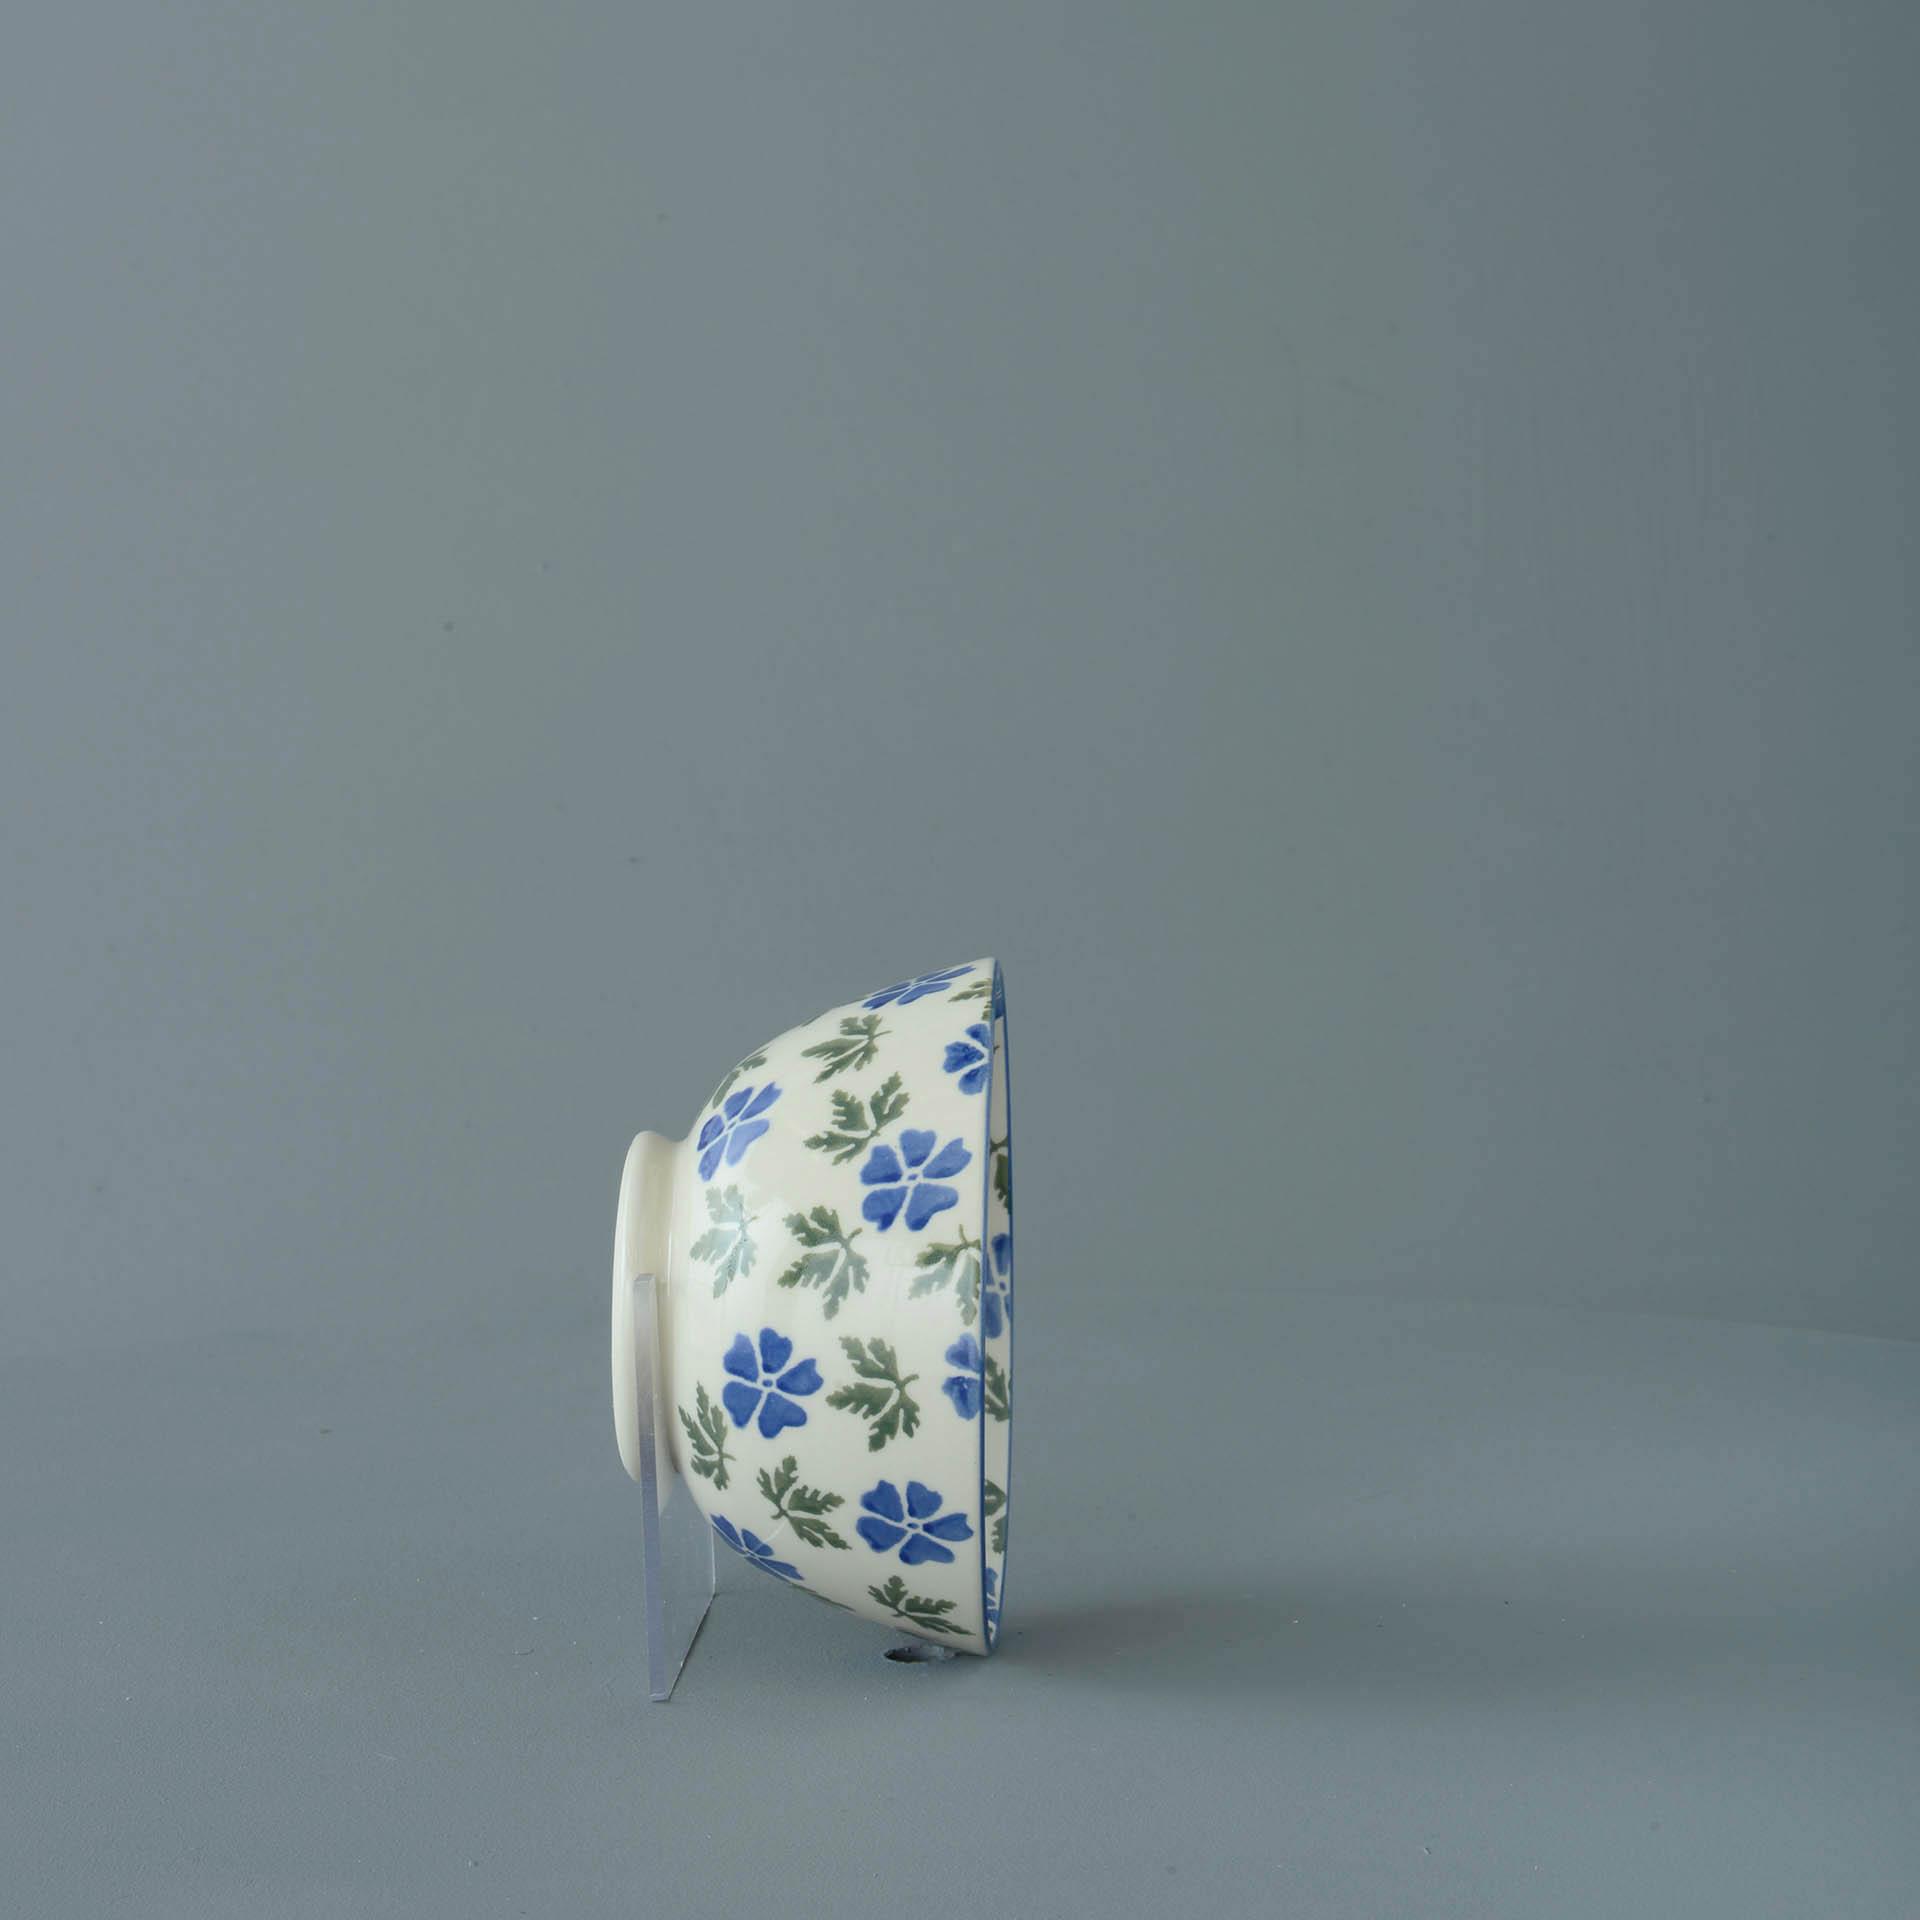 Geranium Small Bowl 6.5 x 12 cm